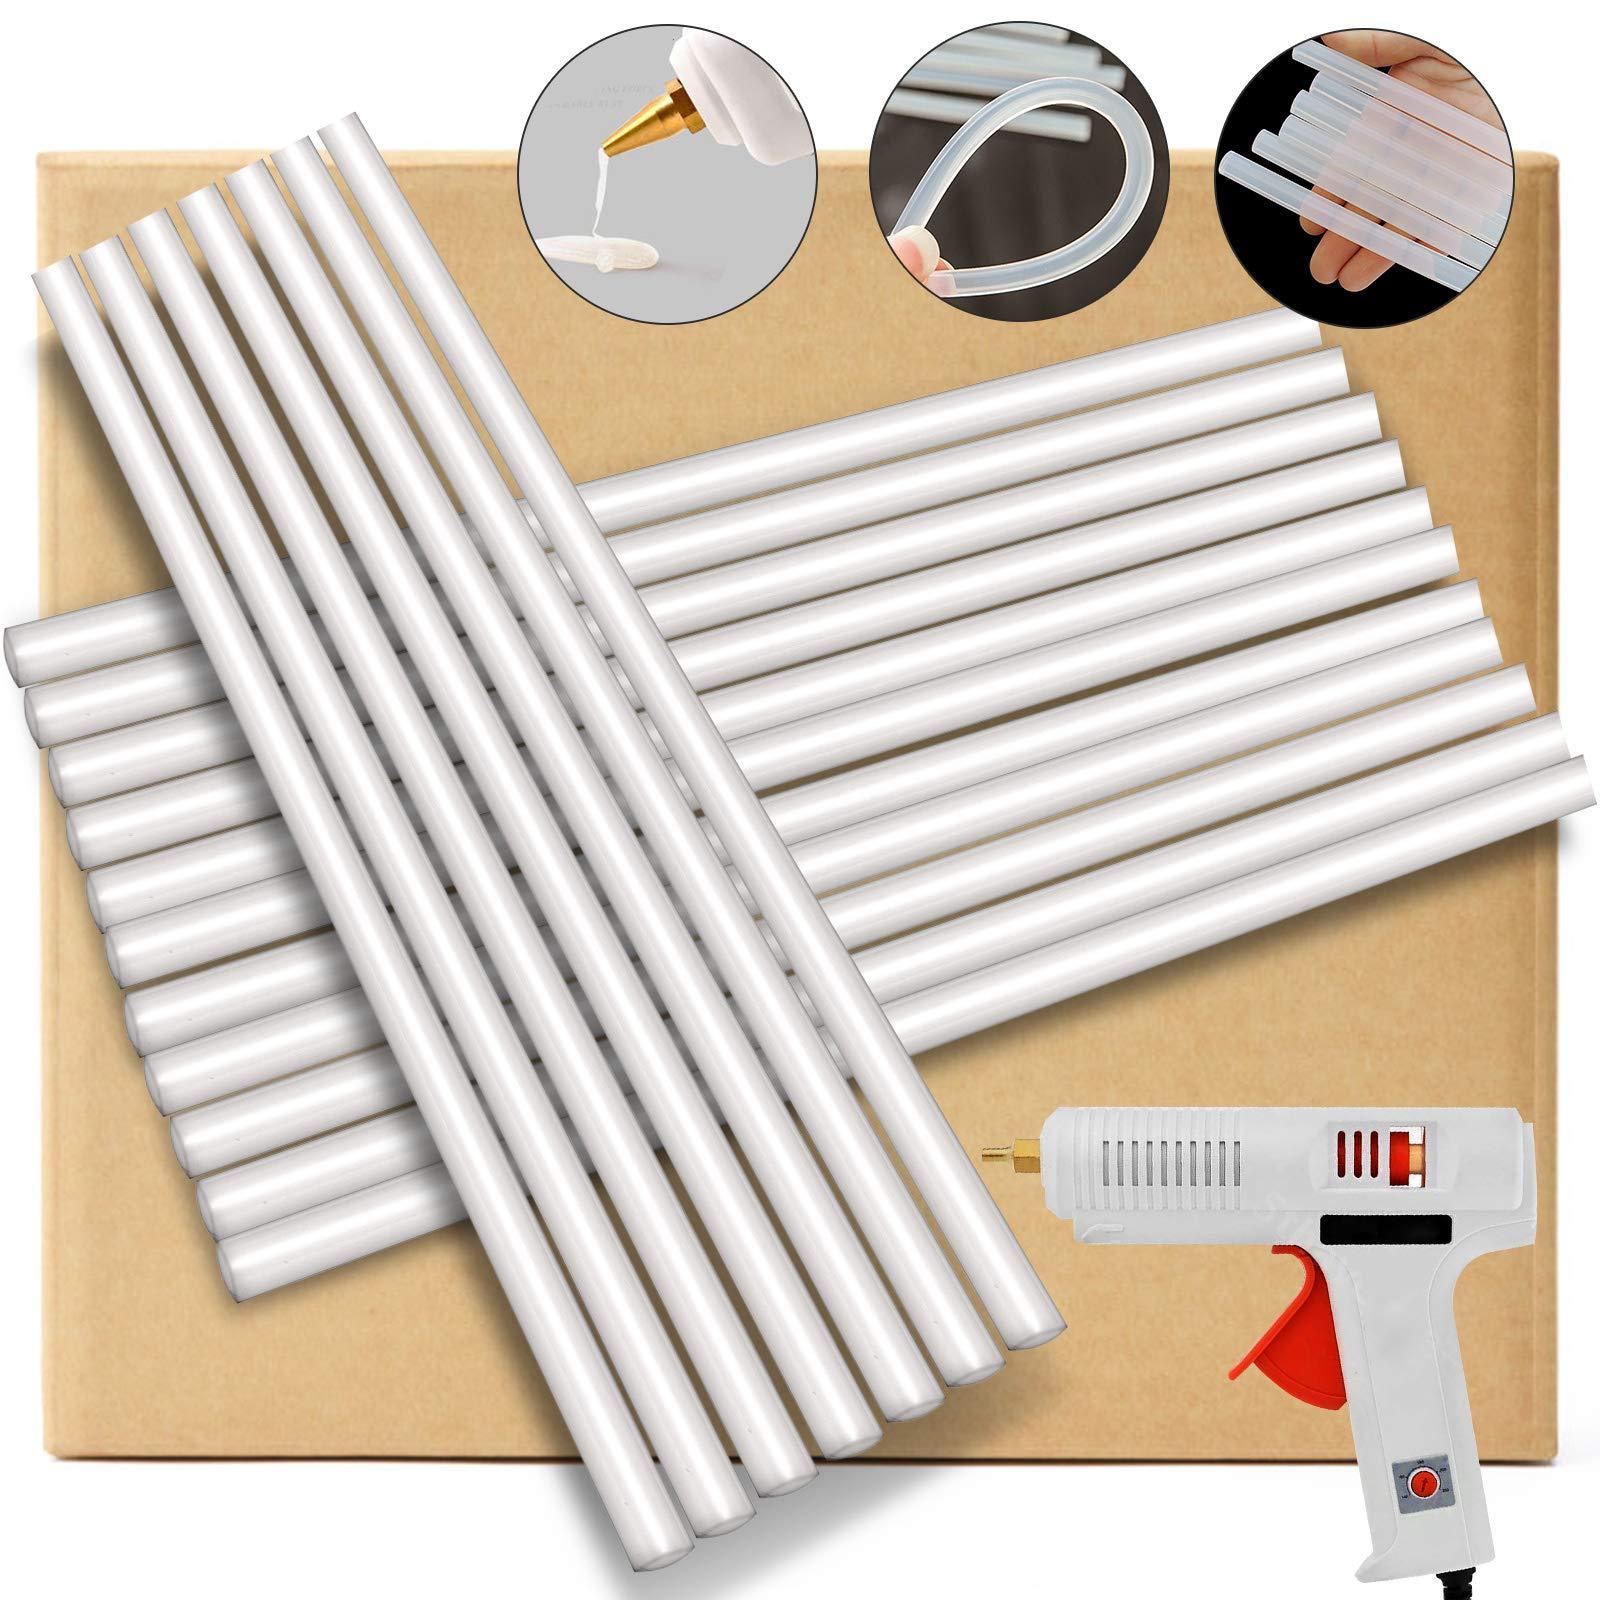 Mophorn Hot Melt Glue Sticks 25 lbs Bulk Glue Gun Sticks Clear Adhesive Glue Sticks for Glue Gun